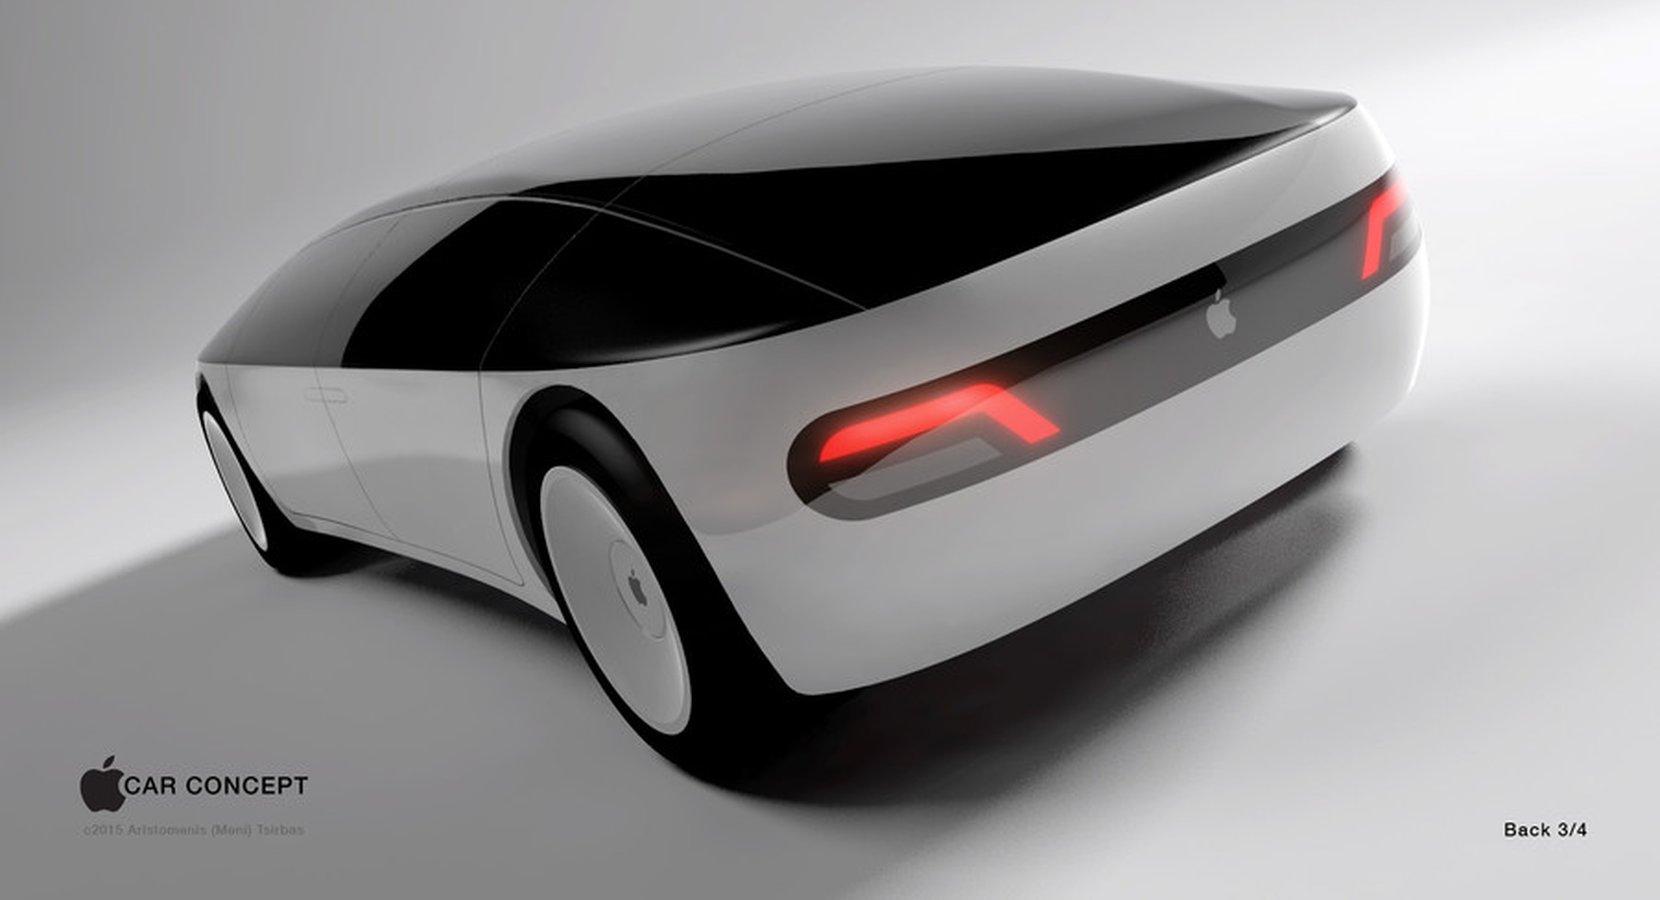 En av många idéer om hur en bil från Apple skulle kunna se ut.Den här designen från by Aristomenis Tsirbas vann Freelancer's Apple Car Concept contest 2015. Foto: Freelancer.com